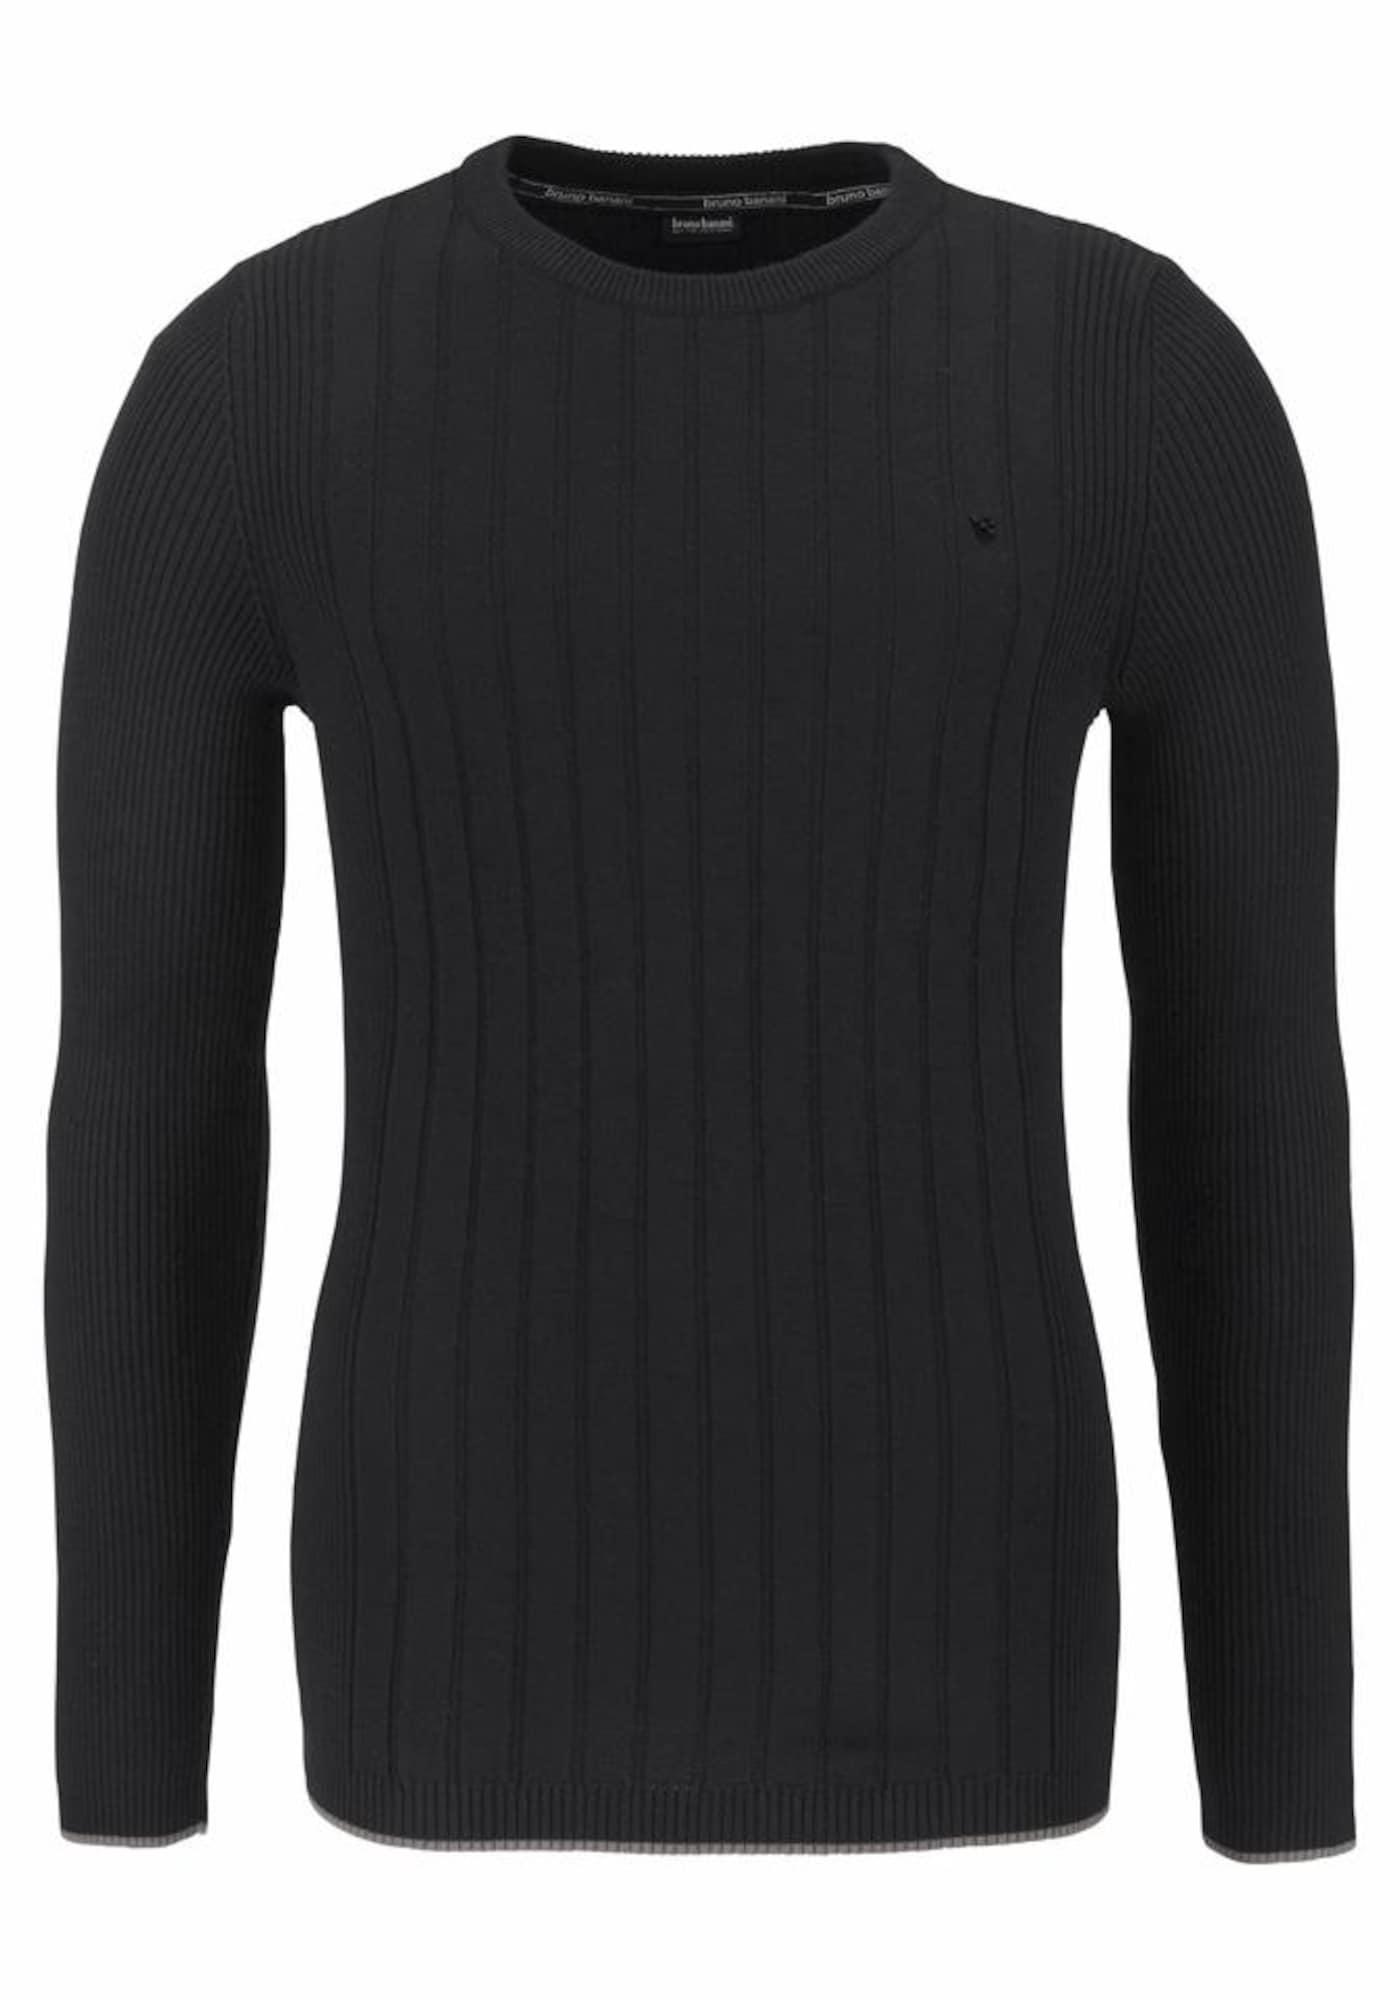 Rundhalspullover | Bekleidung > Pullover | Bruno Banani